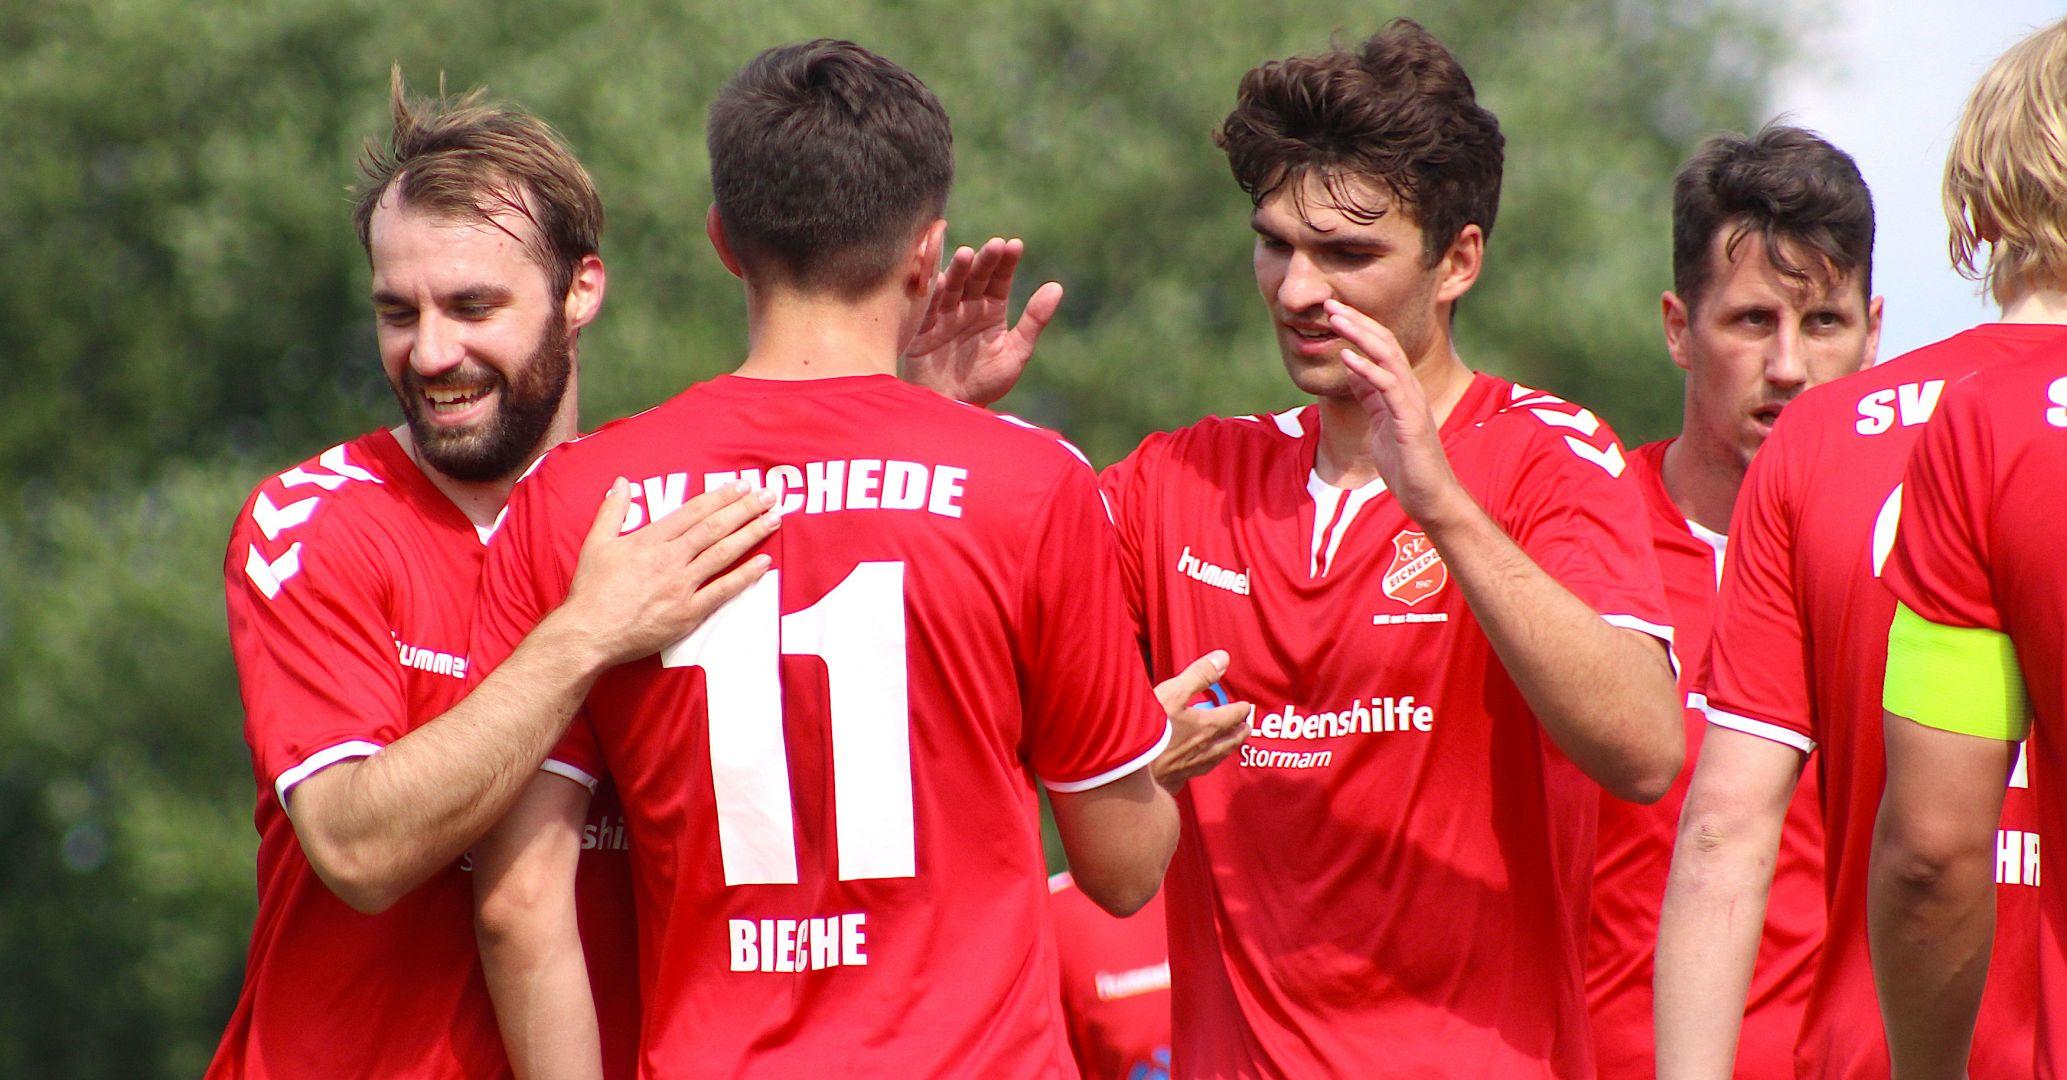 Pflichtaufgabe erfüllt: SV Eichede gewinnt Pokalspiel gegen Elmenhorst-Tremsbüttel